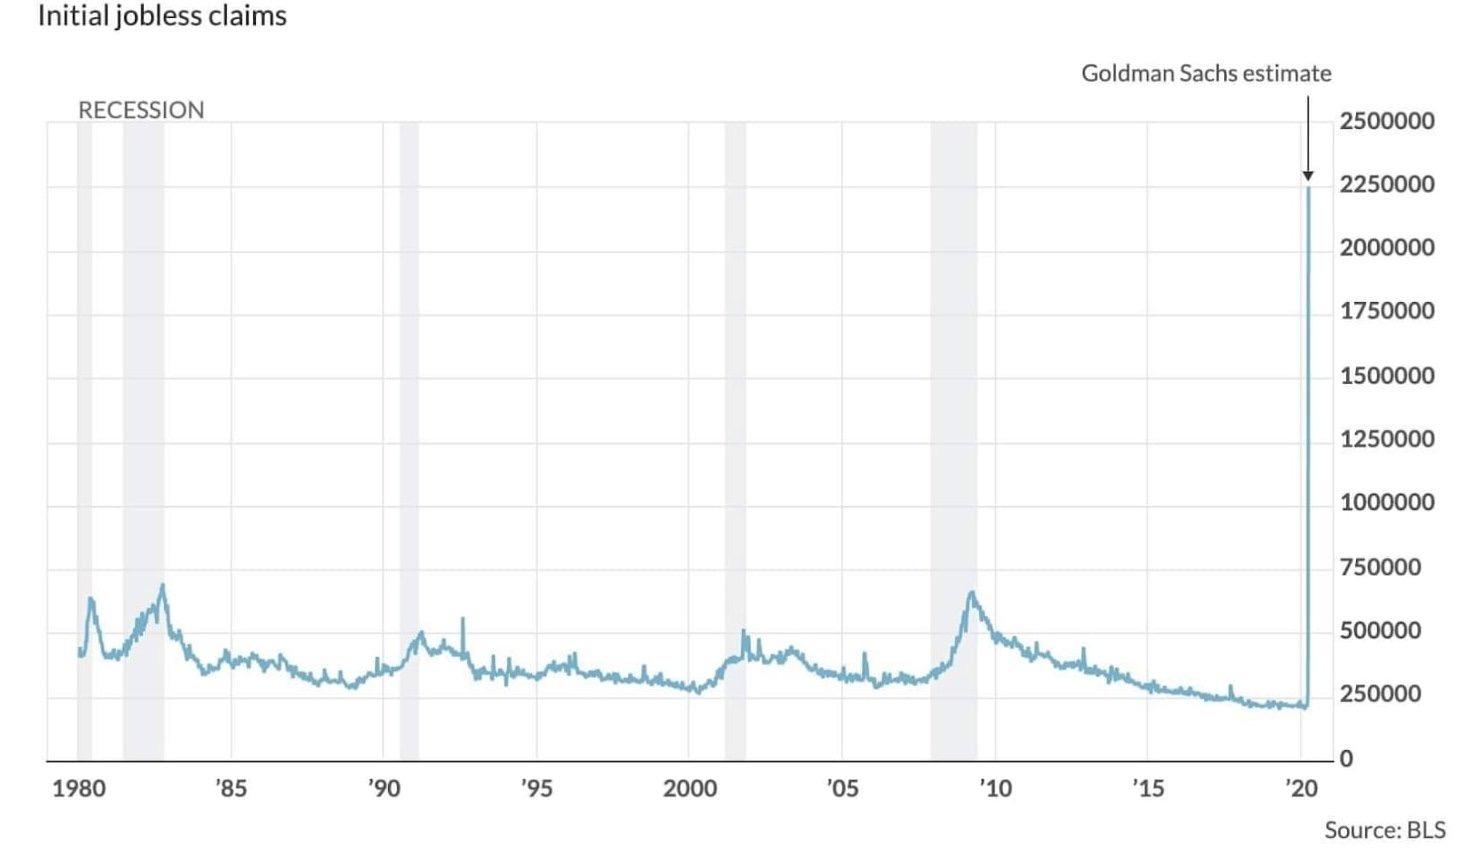 Reclamaciones iniciales de desempleo estimadas 2020 debido a la recesión del coronavirus